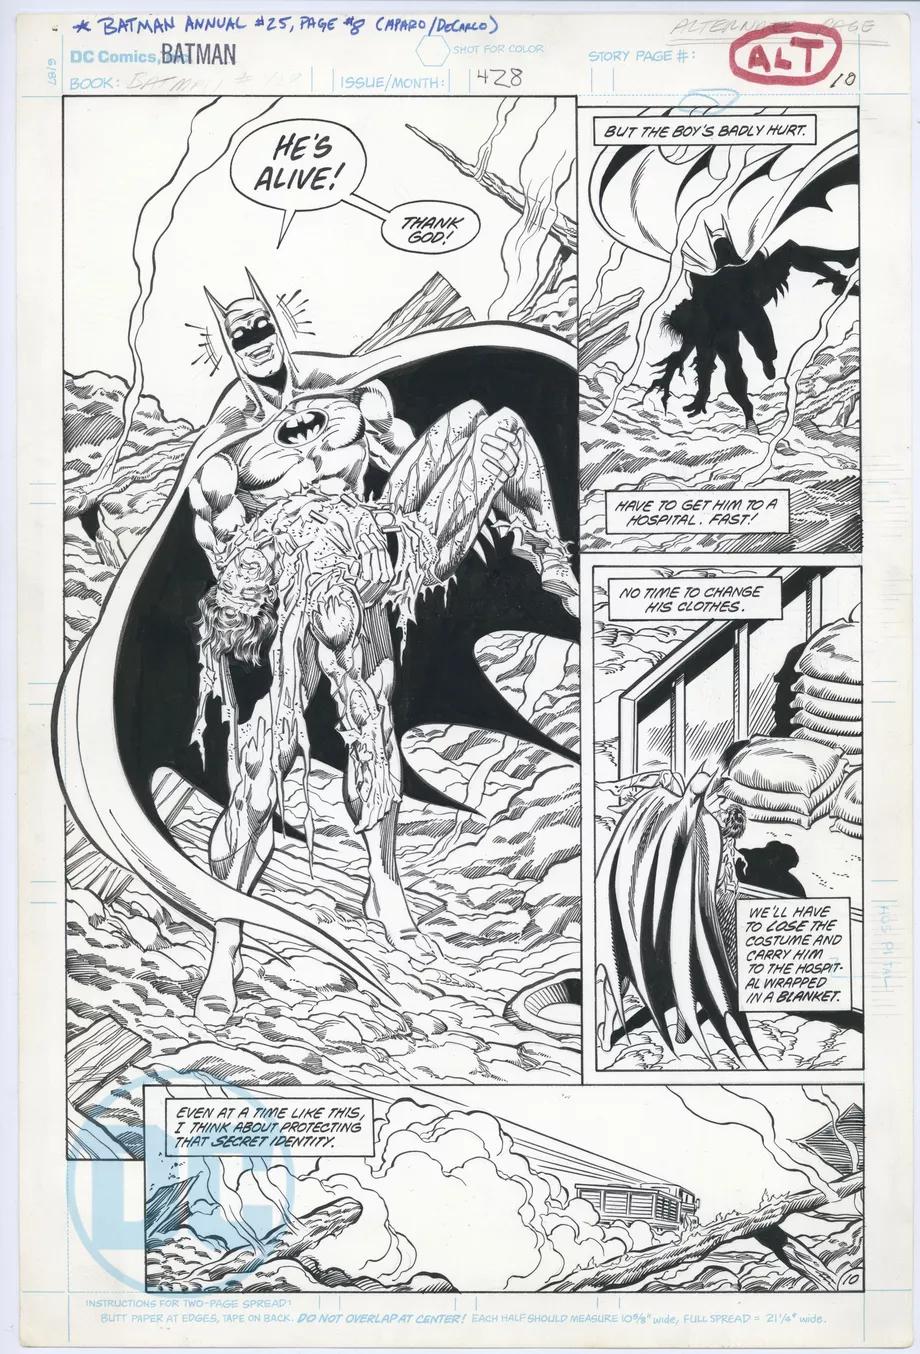 DC показала альтернативные кадры комикса «Бэтмен: Смерть в семье» — здесь Робин выжил 2